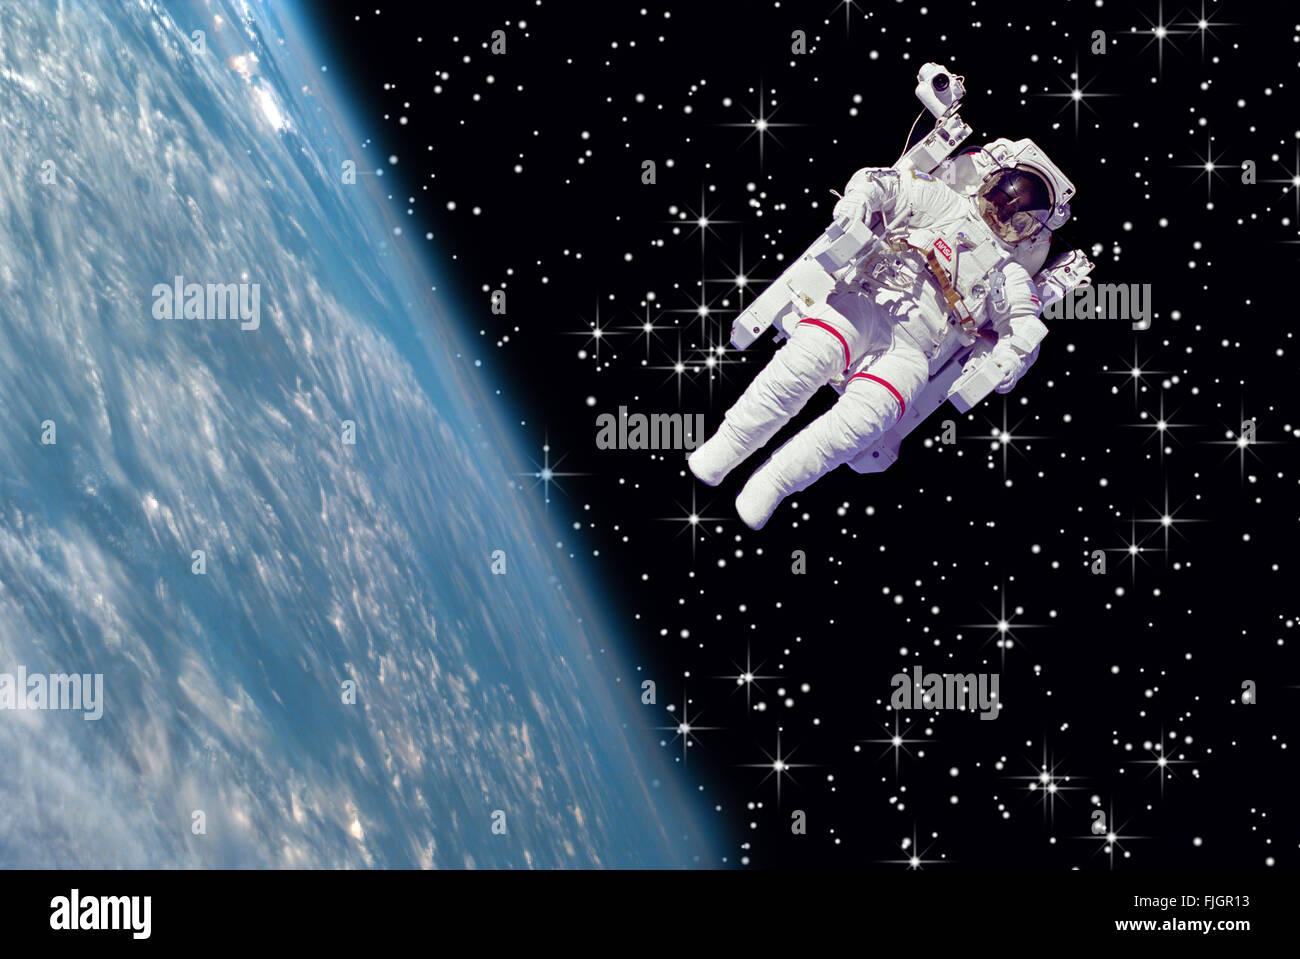 Immagine della NASA astronaut terra spazio flottante stelle Immagini Stock